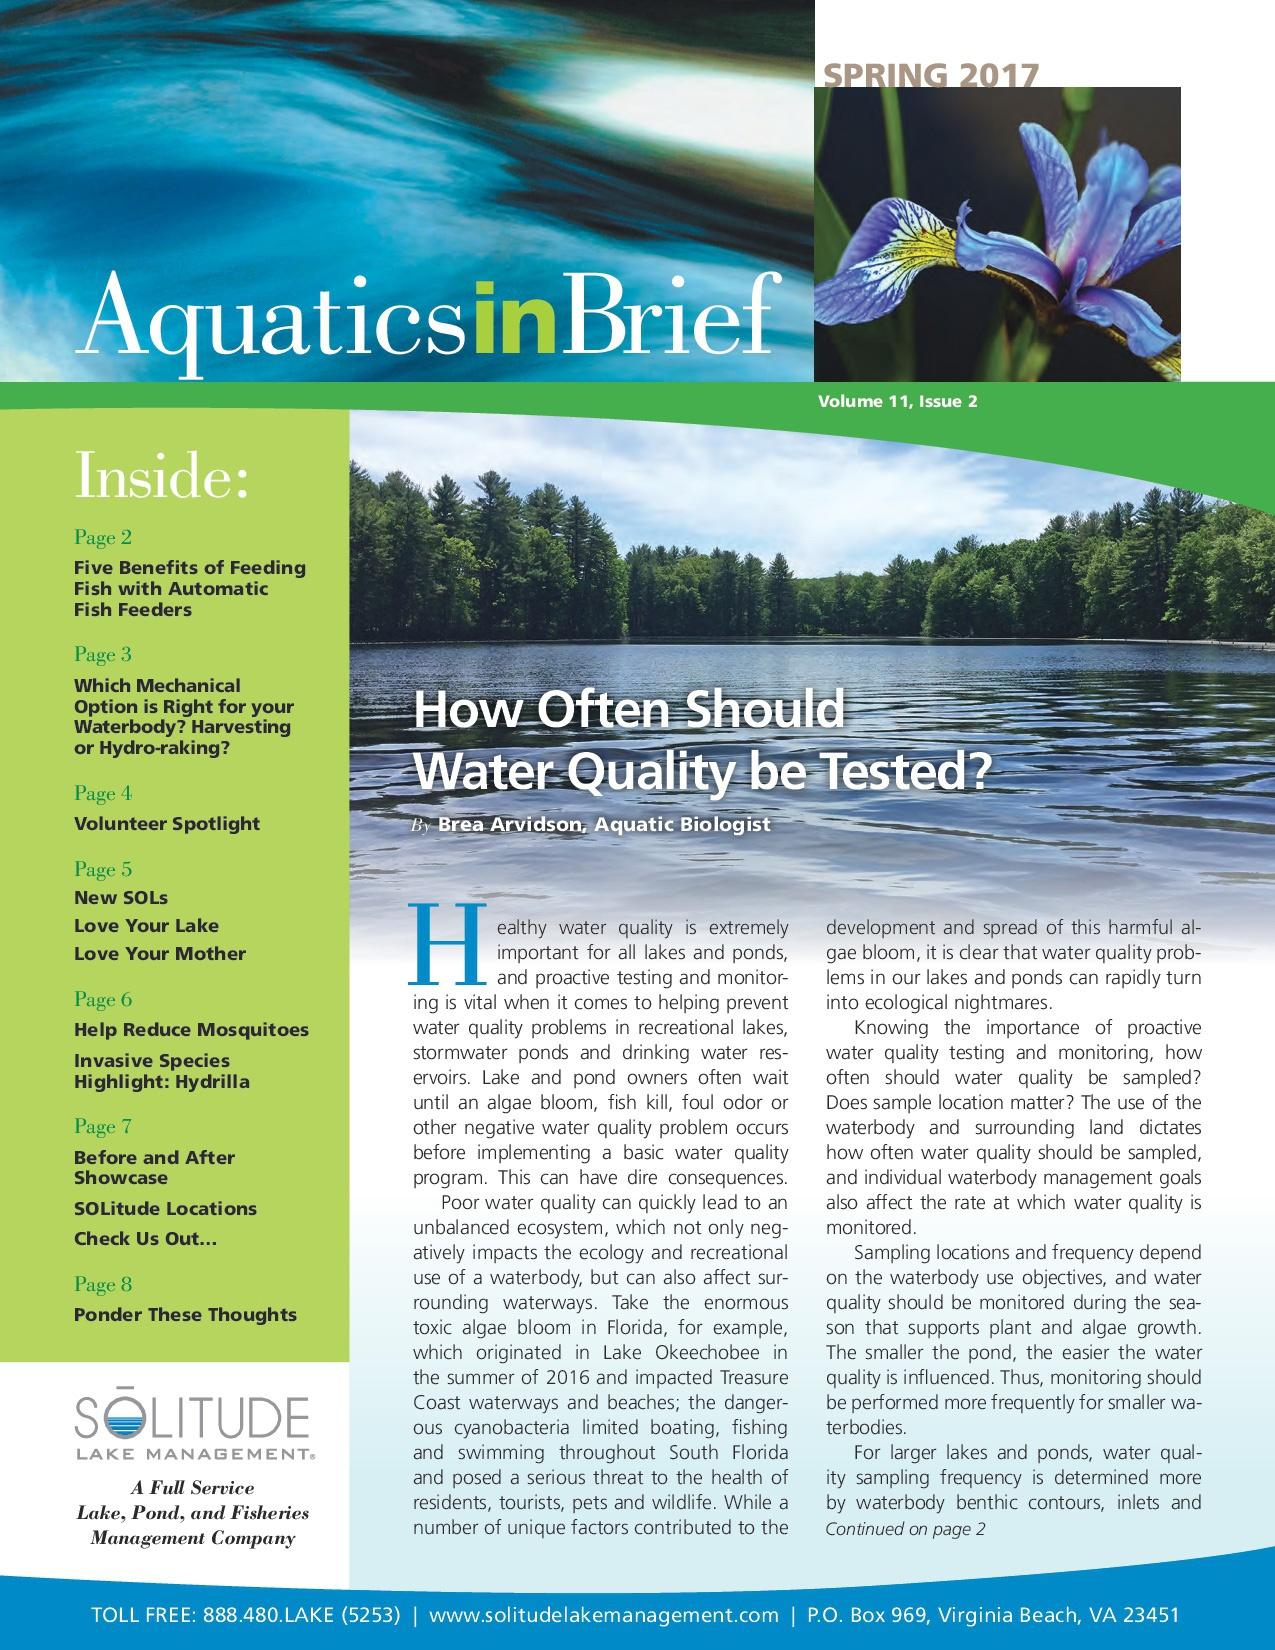 Aquatics-in-brief-spring-2017